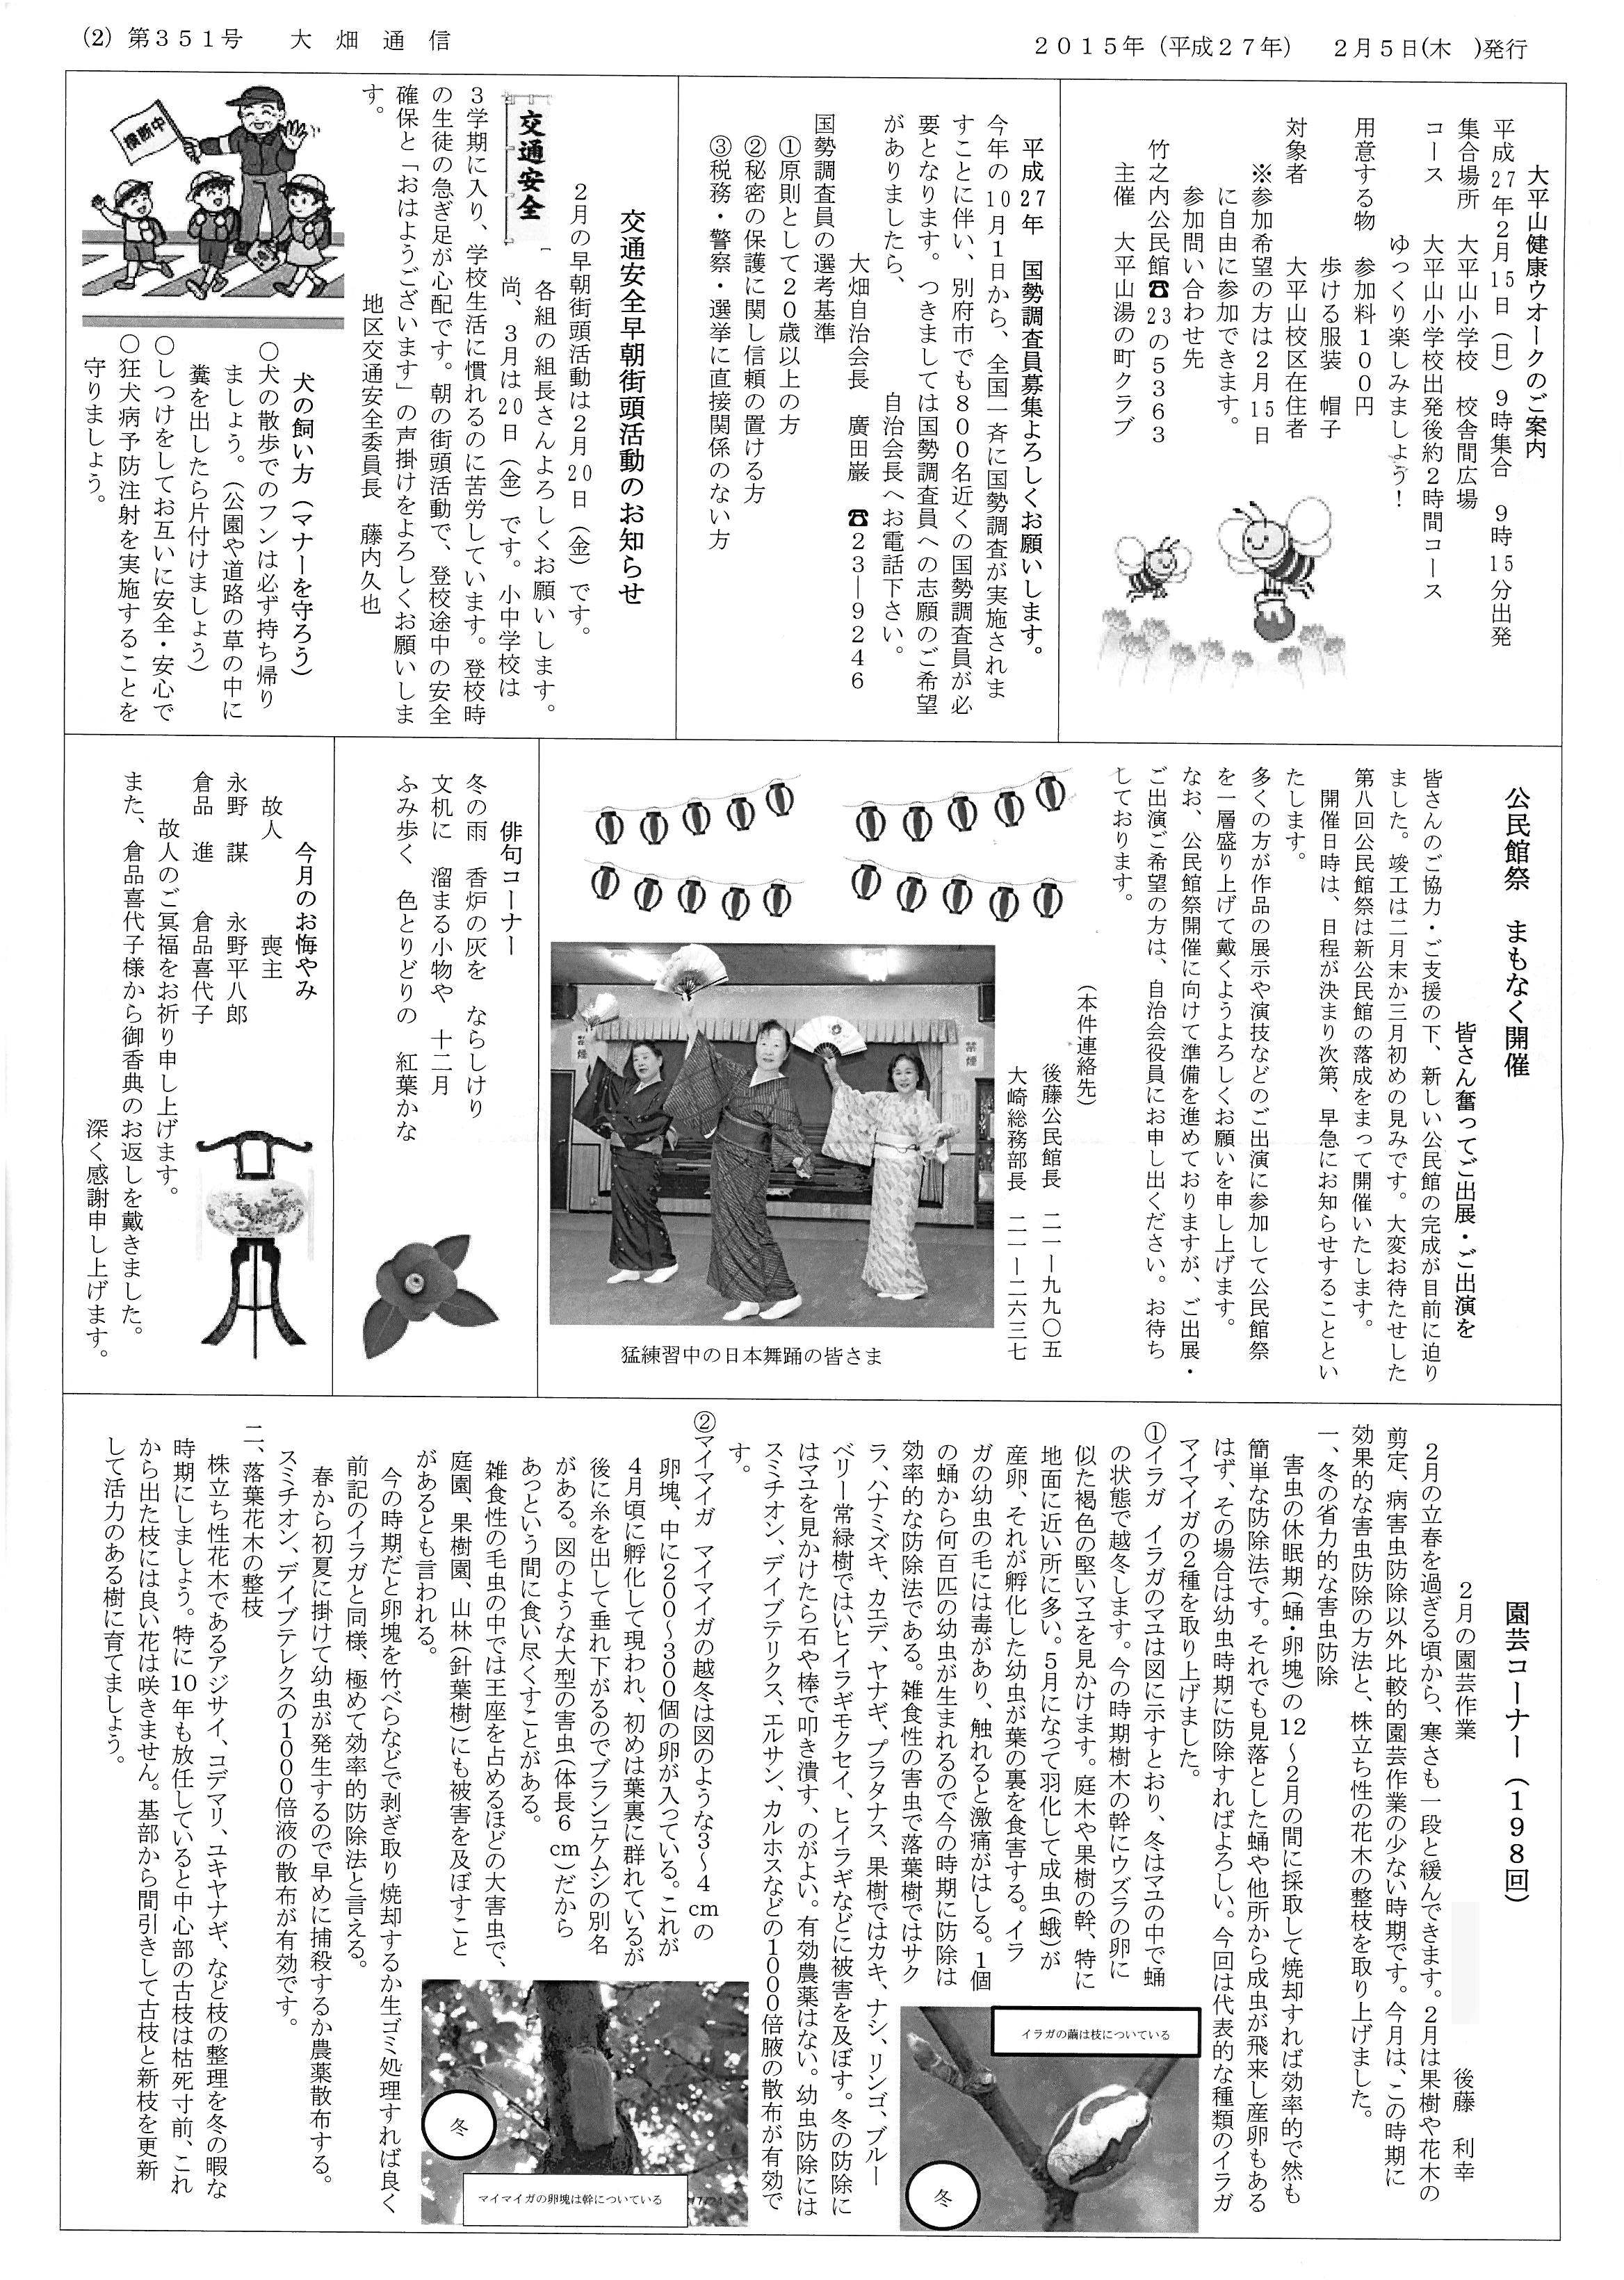 obatake2015_02_02